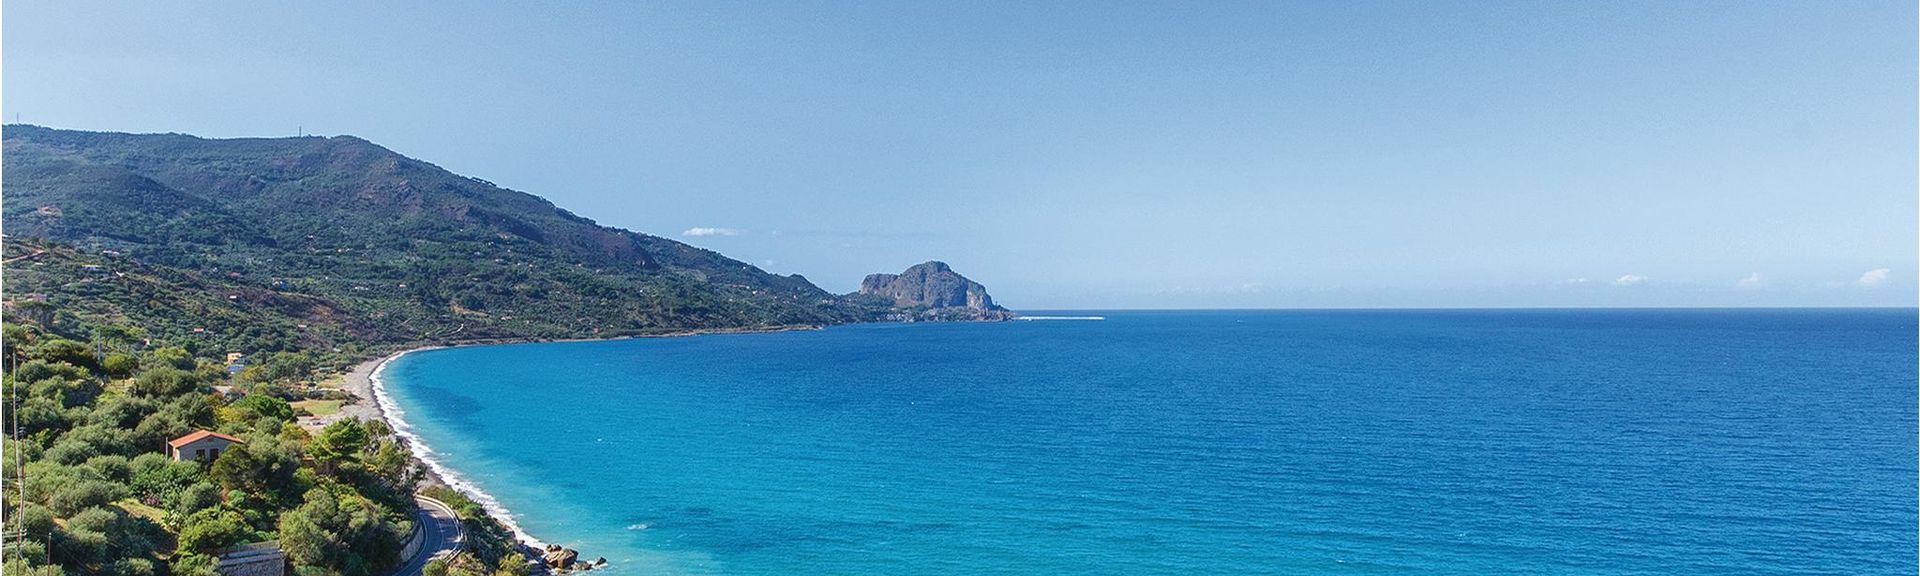 Cerami, Sicília, Itália